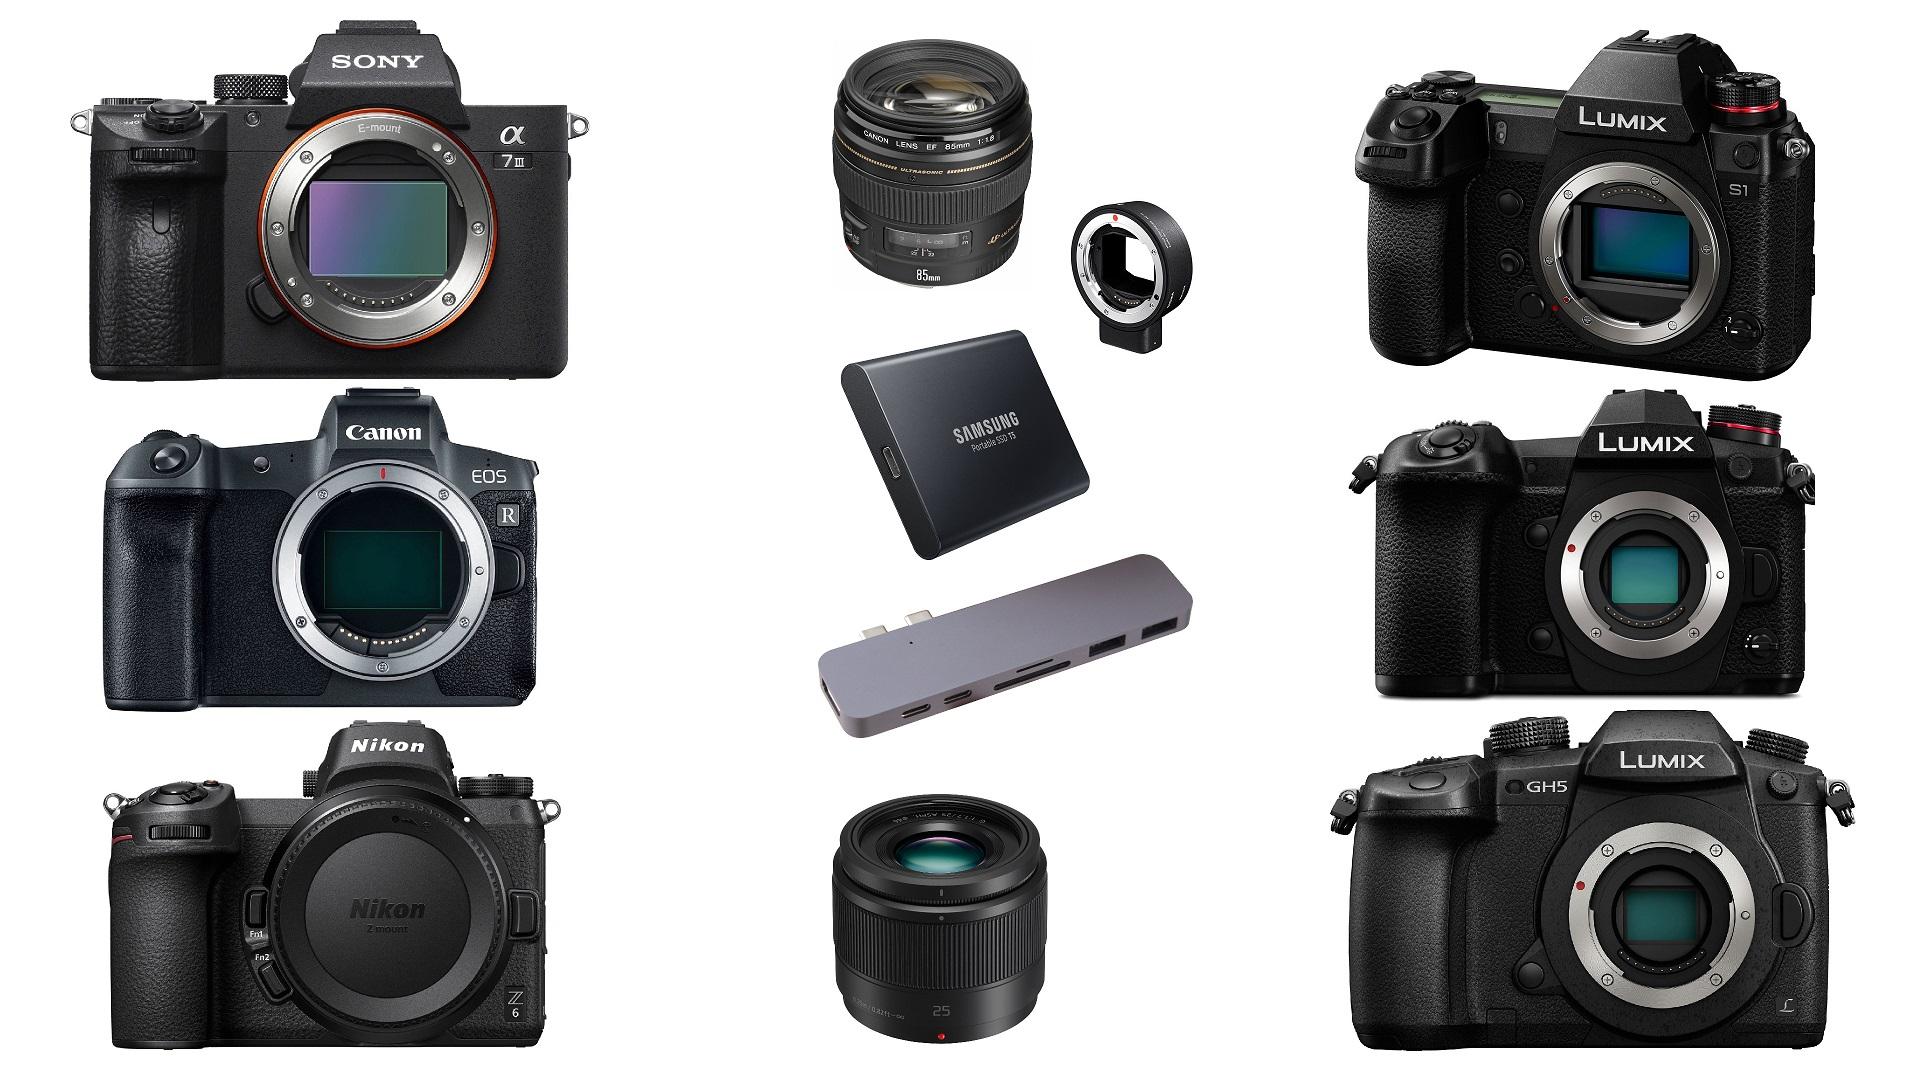 Las mejores ofertas de esta semana para cineastas - Panasonic LUMIX G9, S1, GH5, Sony a7 III, Nikon Z 6 y más